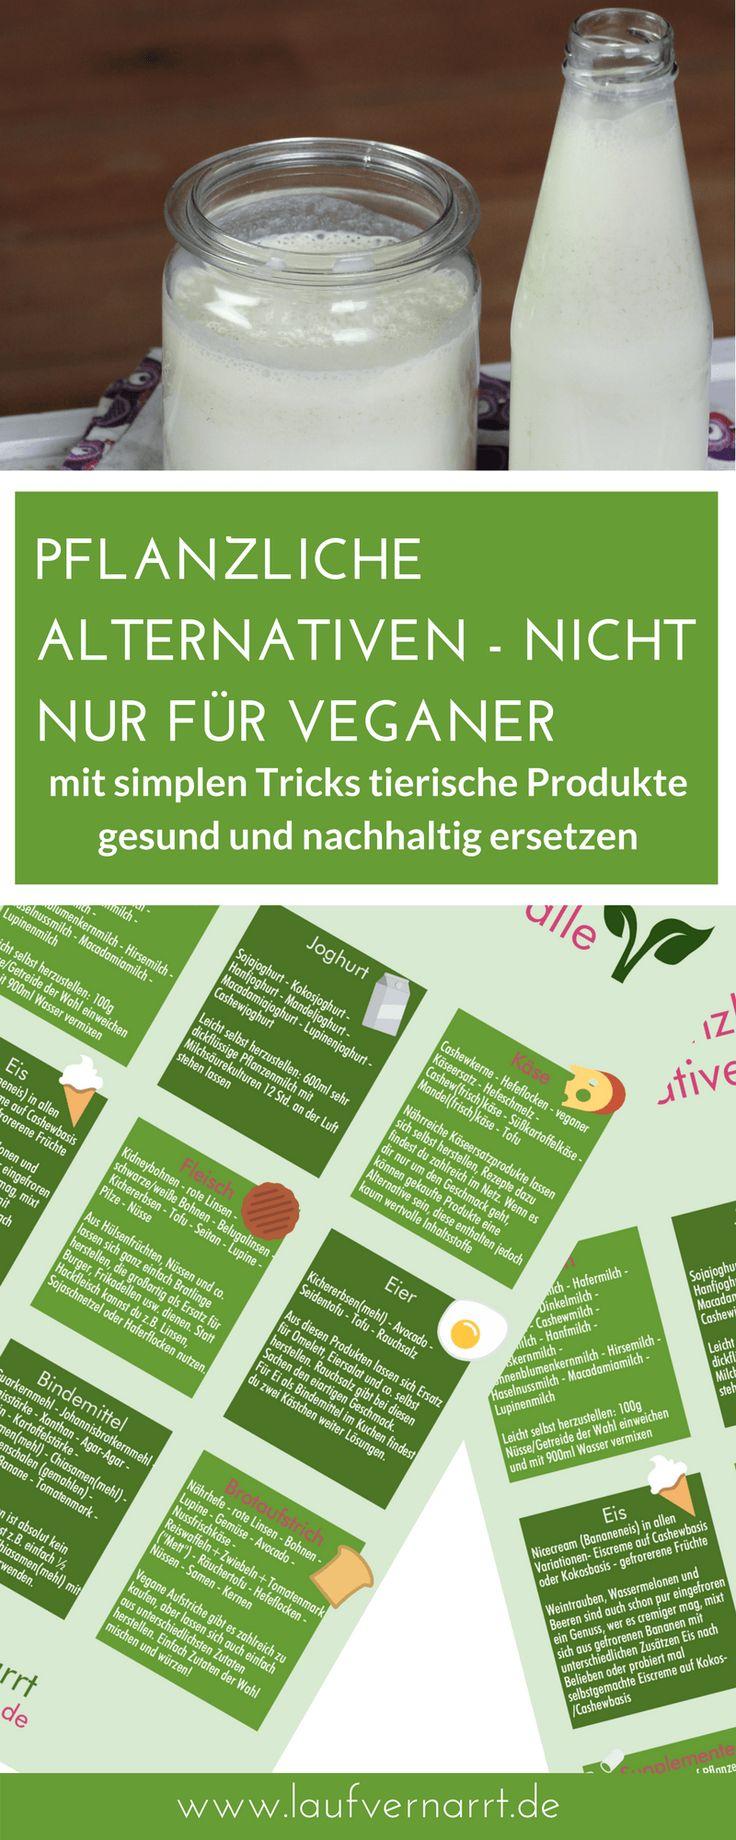 Pflanzliche Alternativen sind nicht für Veganer ein Thema. Für nahezu alle tierischen Lebensmittel findest du hier im praktischen Printable einen veganen Ersatz!